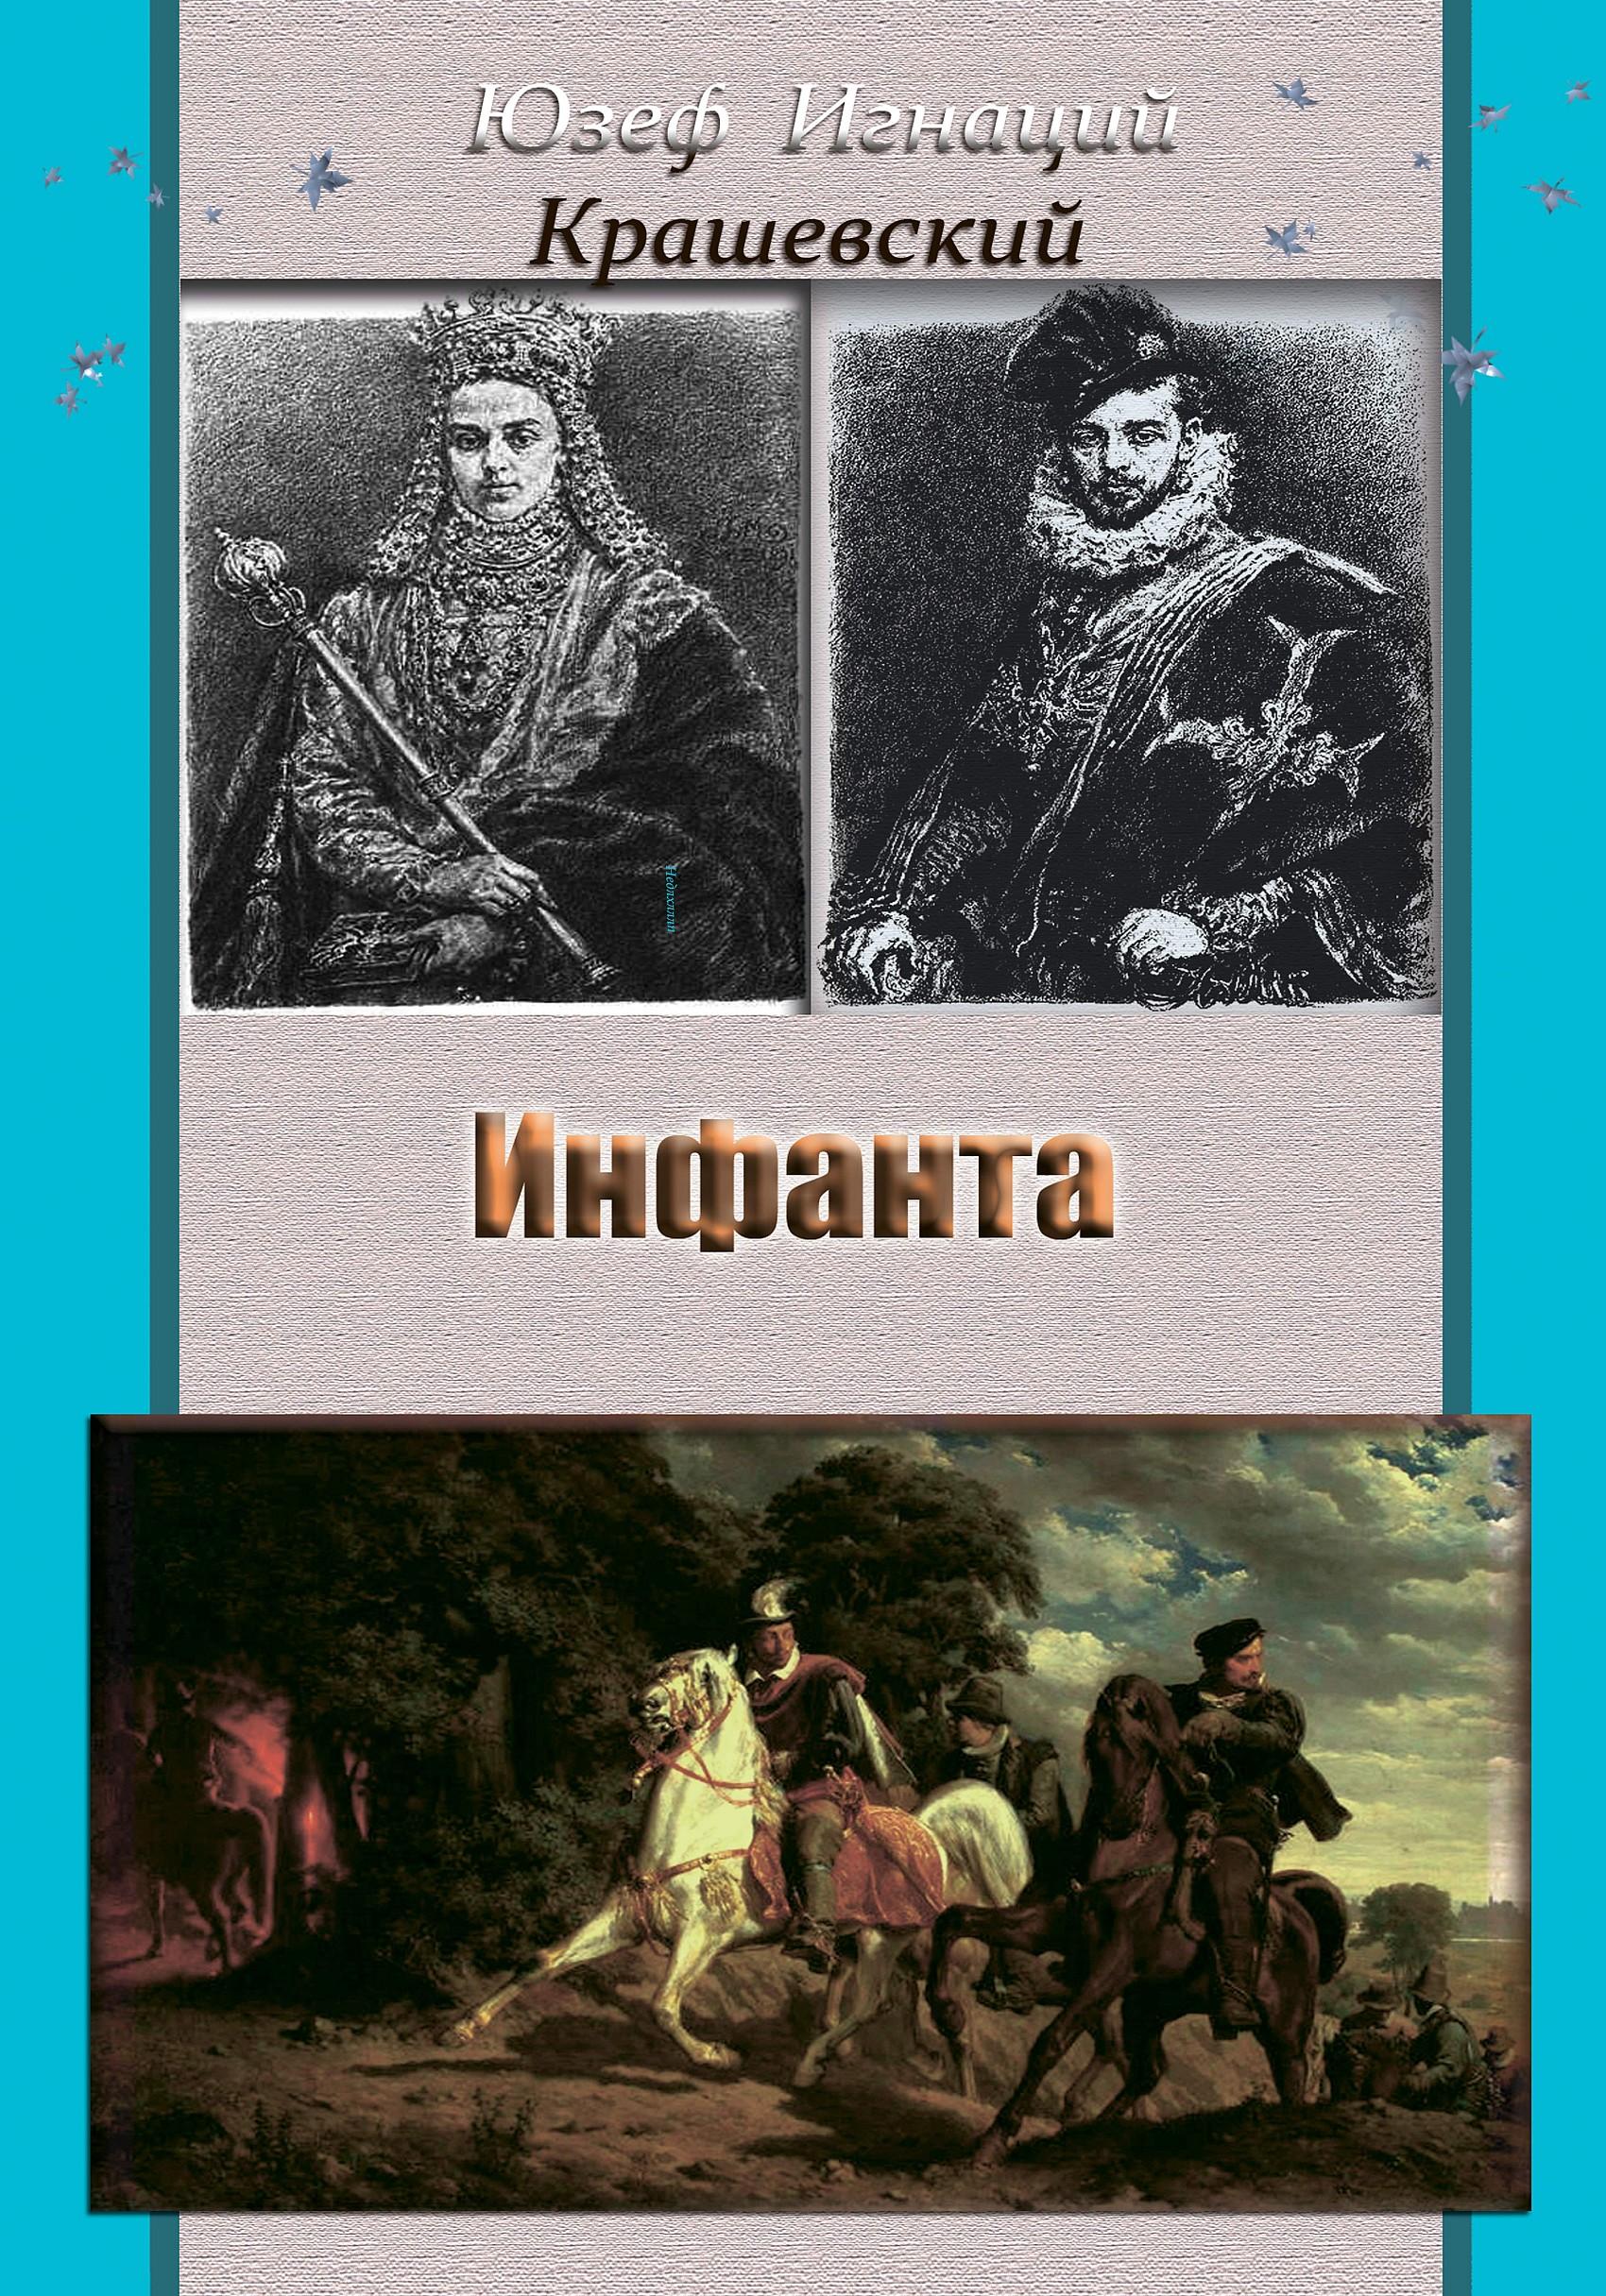 Юзеф Игнаций Крашевский Инфанта (Анна Ягеллонка) крашевский юзеф игнаций безымянная